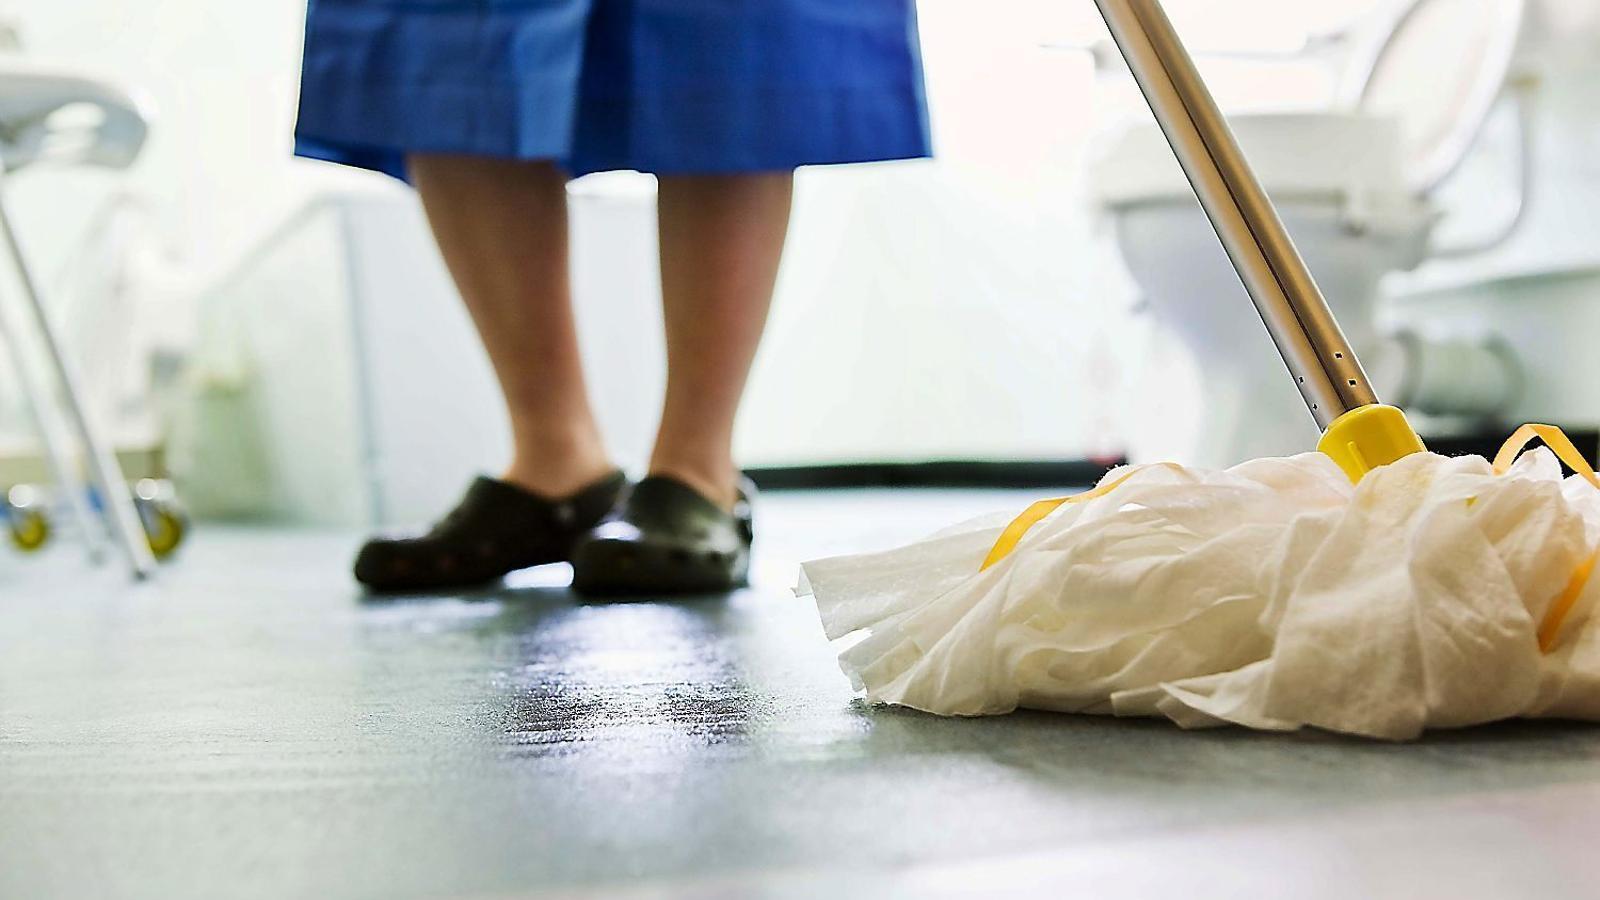 Encara queden empleades de la llar sense afiliar a for Oficina seguretat social